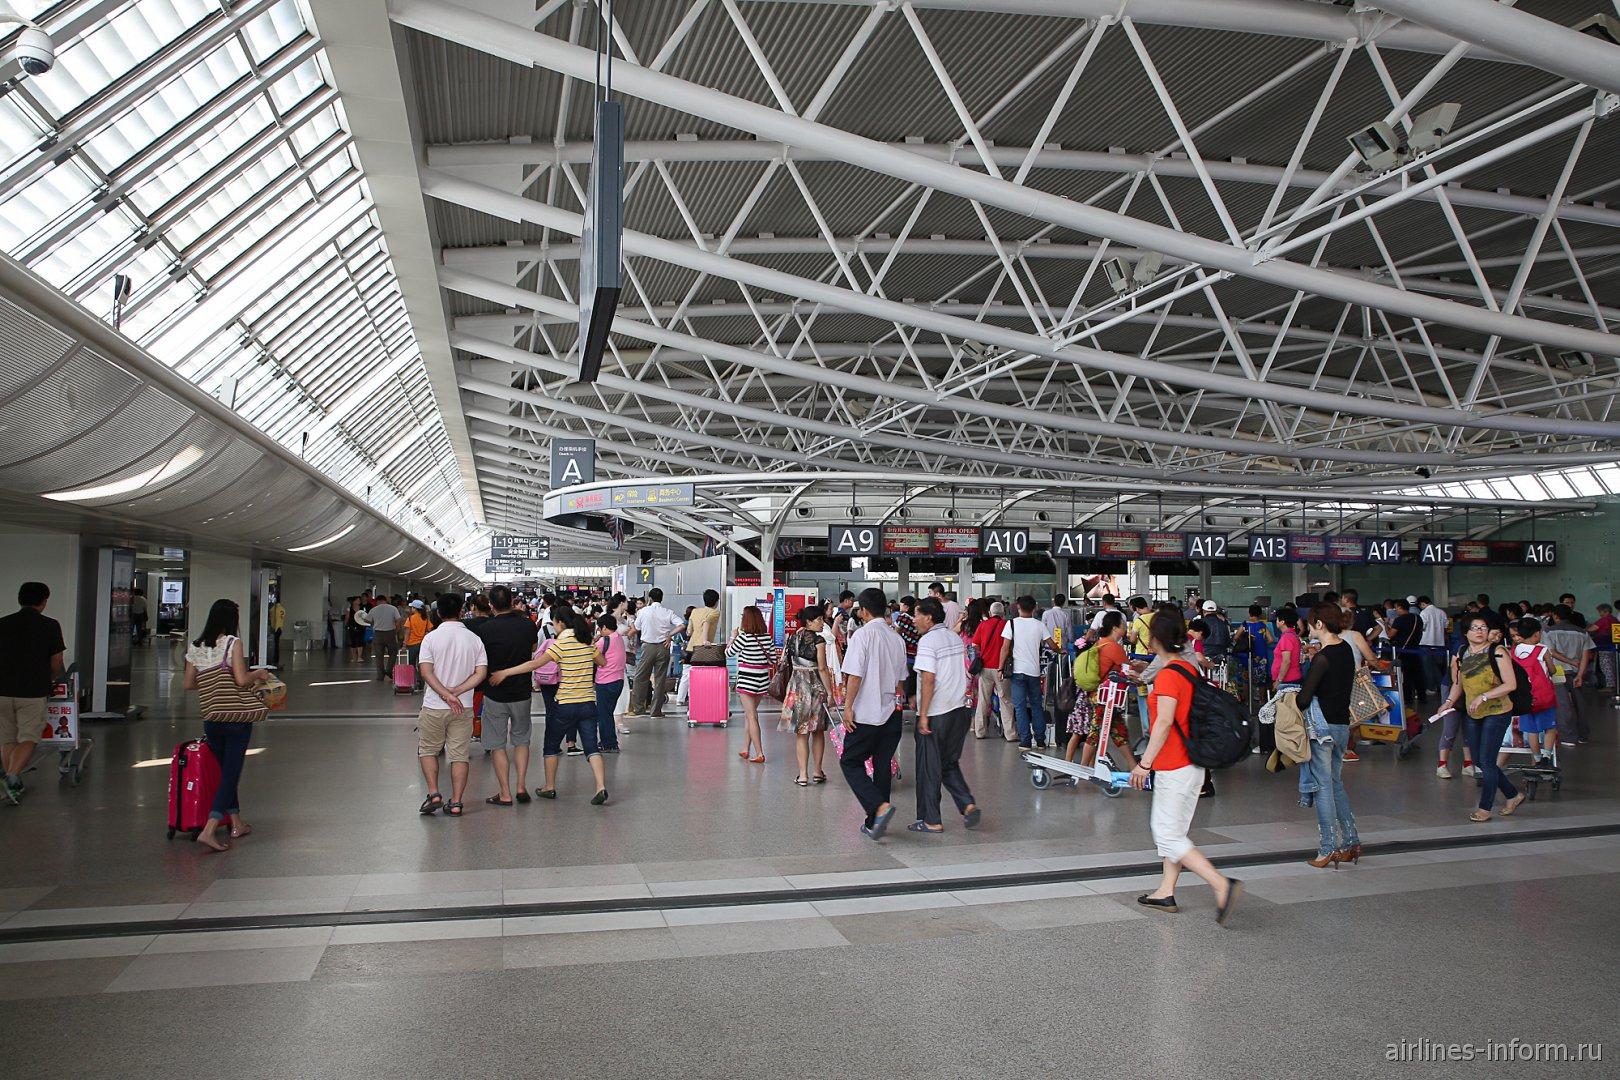 В зоне вылета терминала внутренних линий аэропорта Санья Феникс